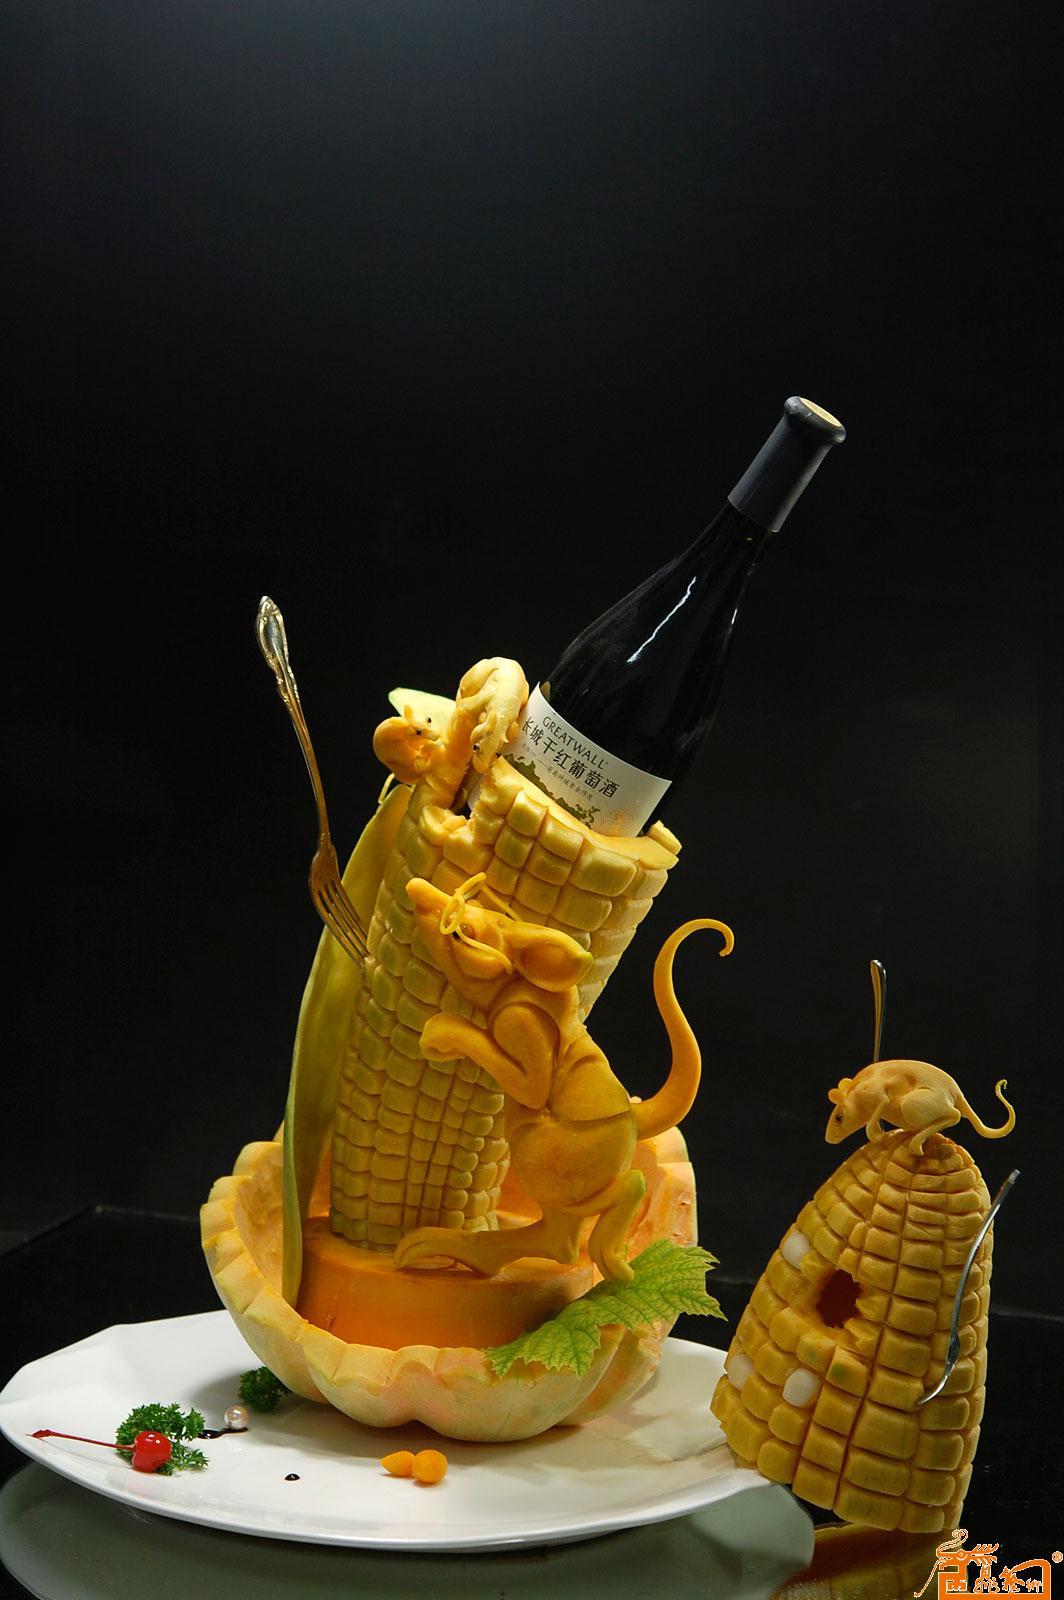 食品雕刻器皿作品- 喜获